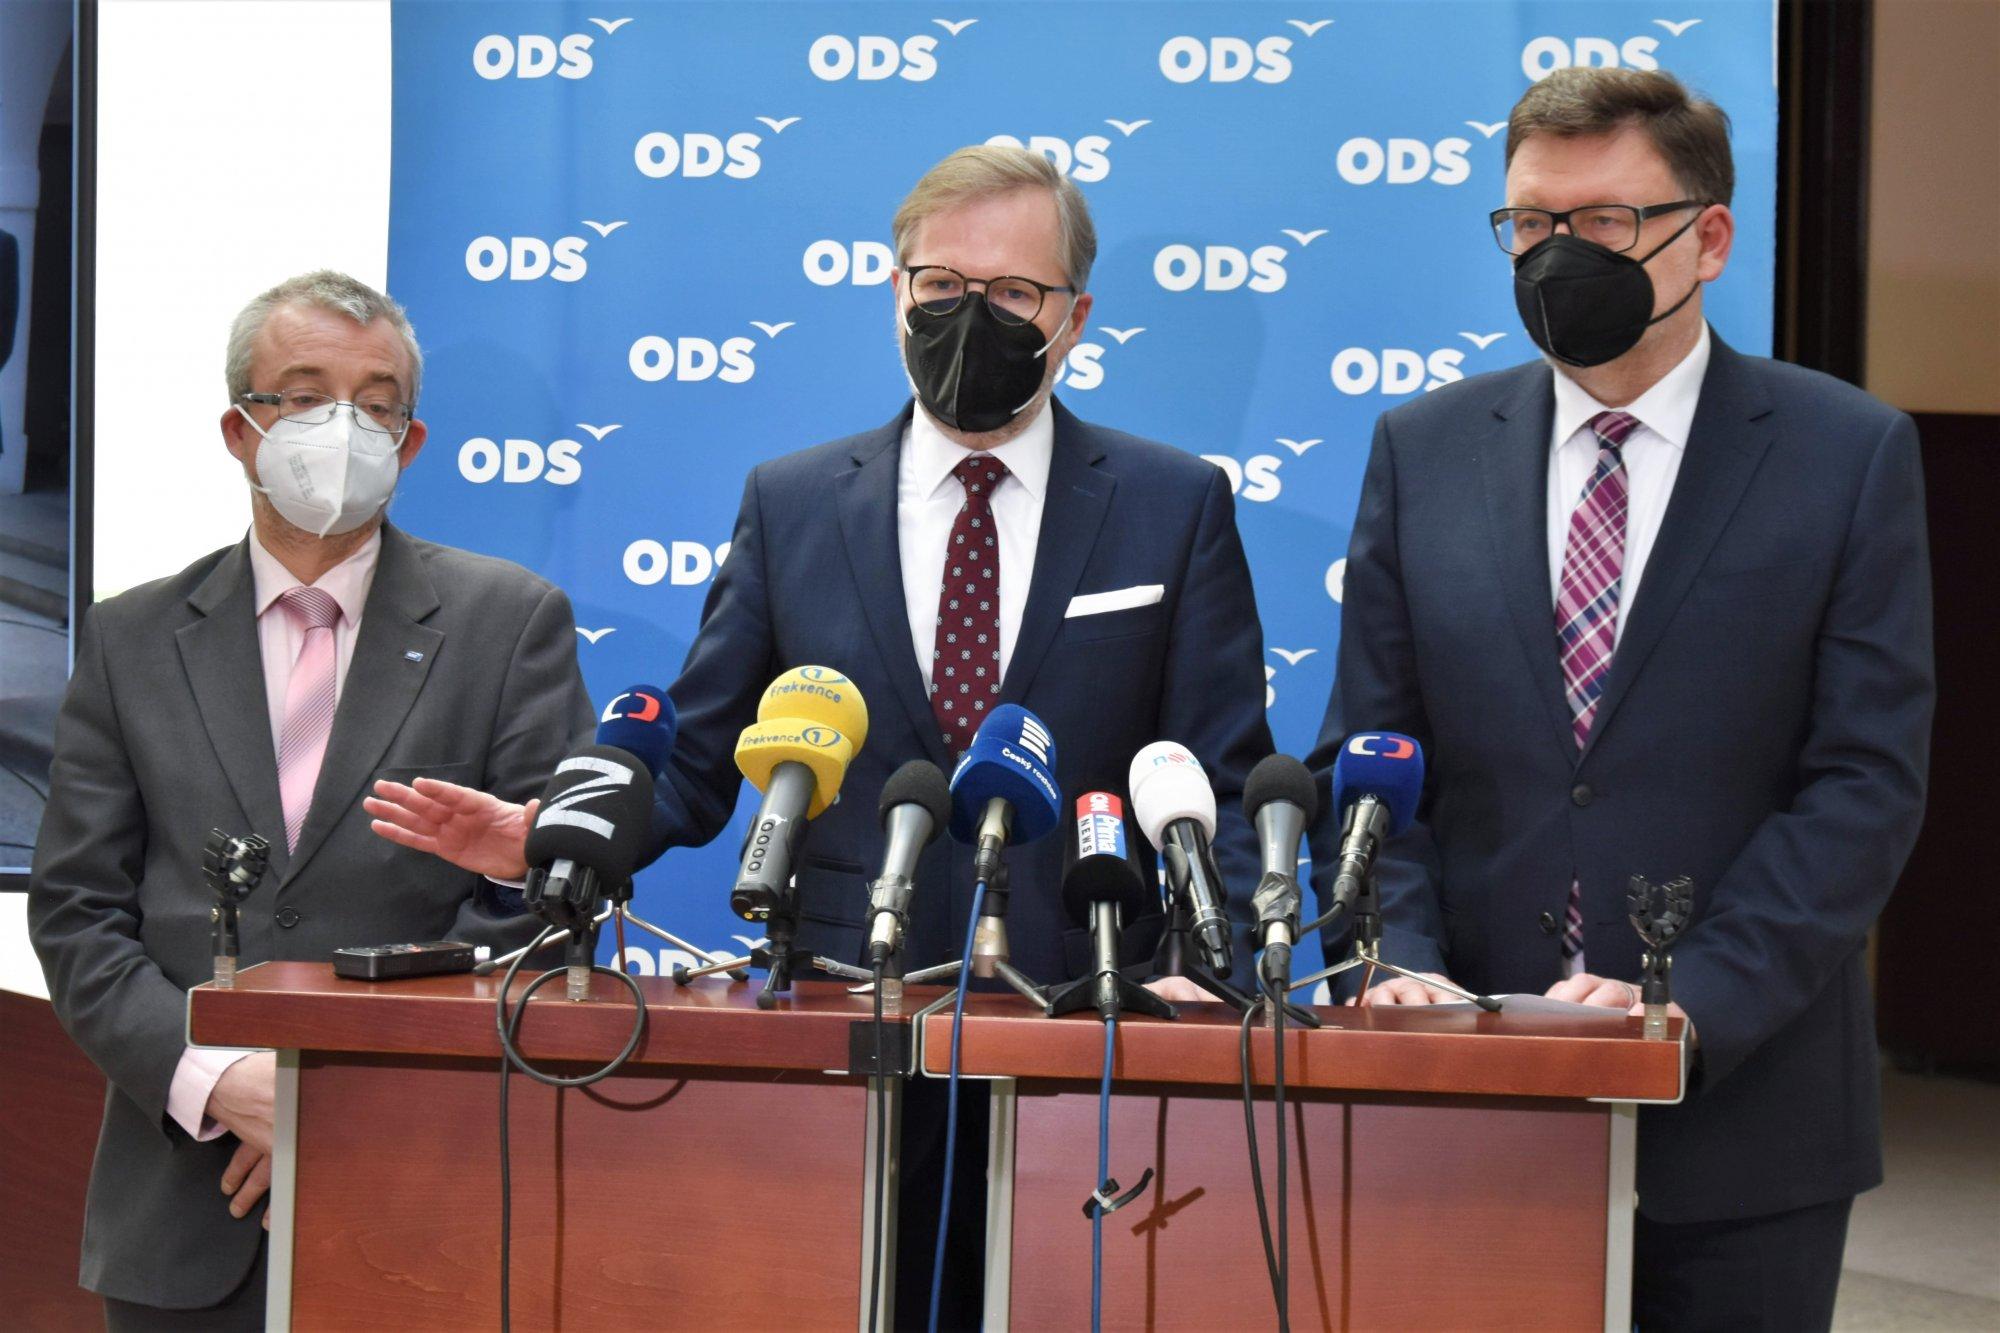 ODS: Vláda musí zajistit dostatek testů a navýšit firmám kompenzace